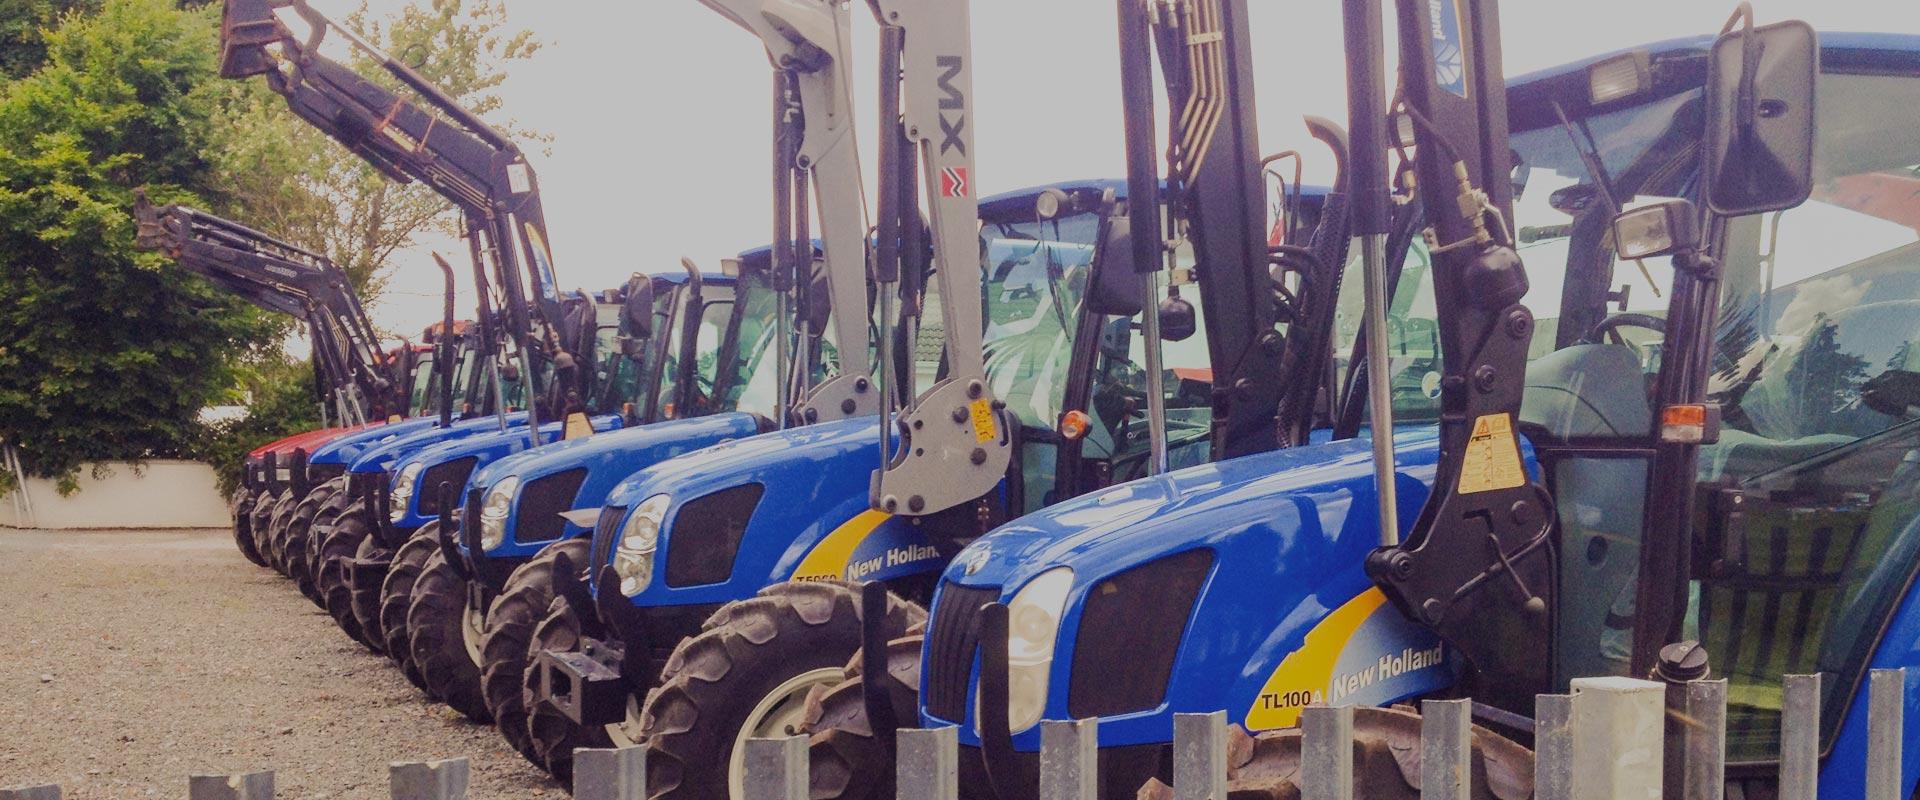 Used Tractors Ireland